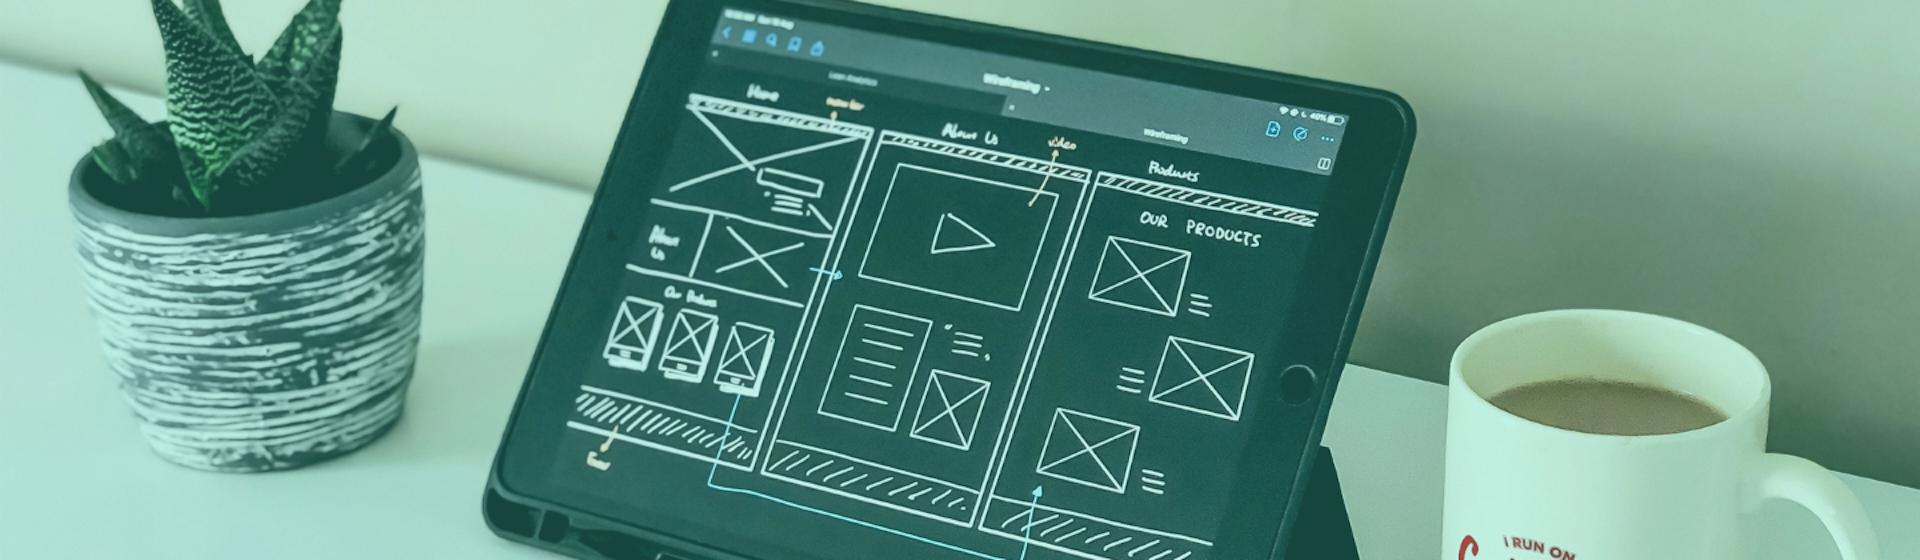 ¿Cómo hacer un boceto de una página web?: ahorra tiempo y dinero con un wireframe